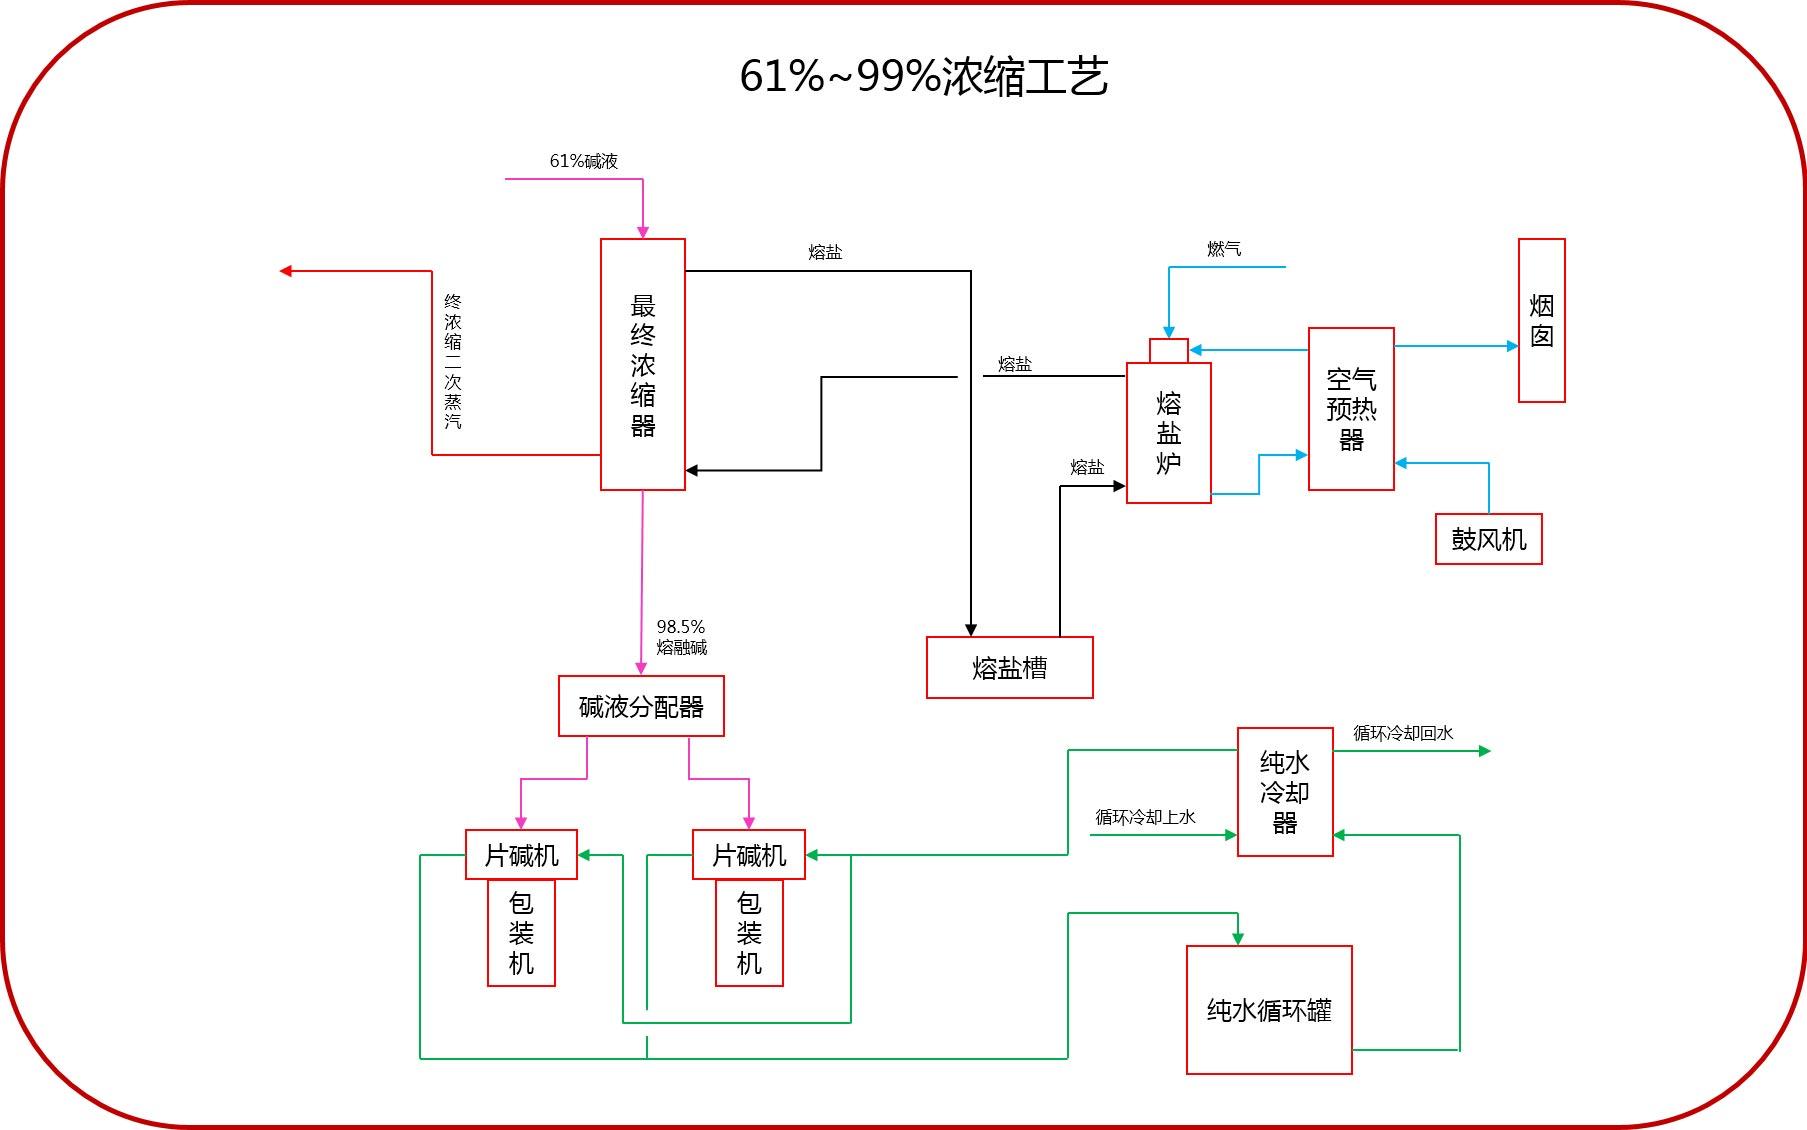 32%-99%工艺流程(3+2工艺)